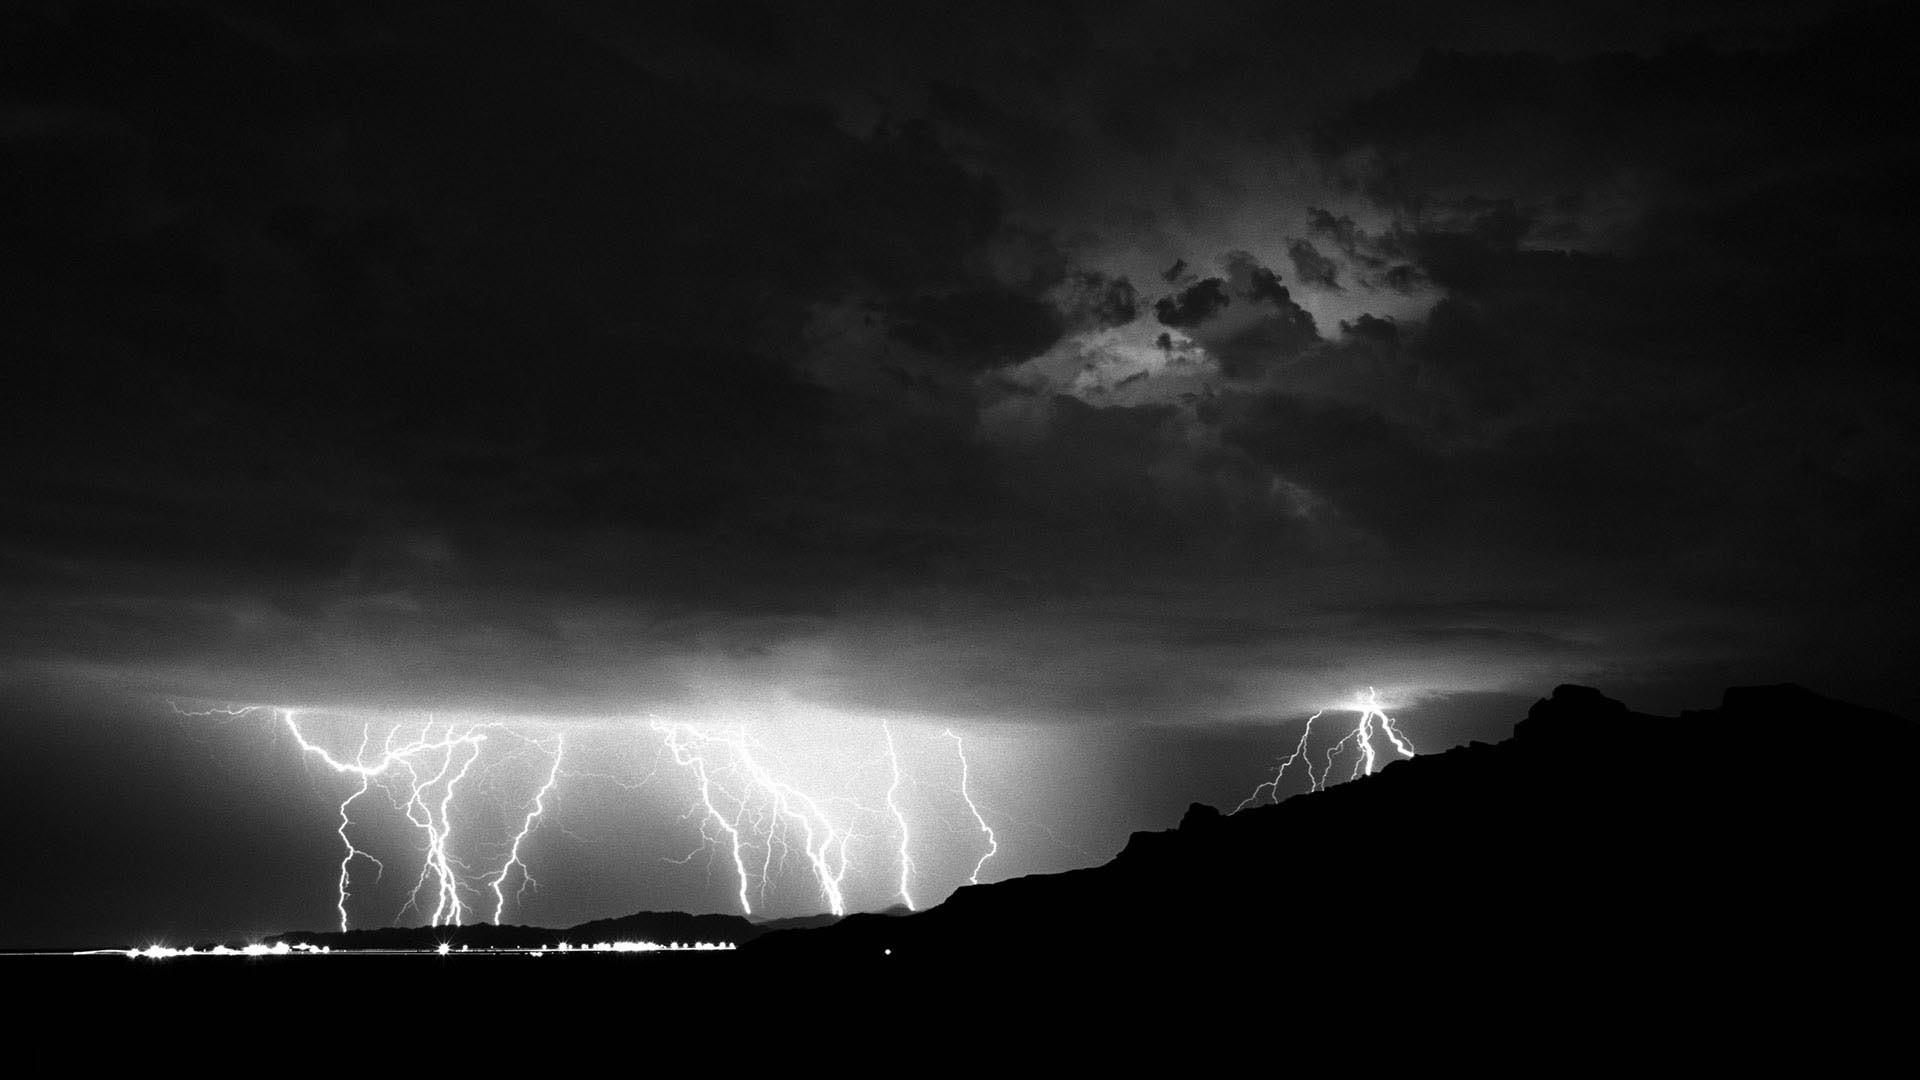 Lightning Storm Background, wallpaper, Lightning Storm Background .